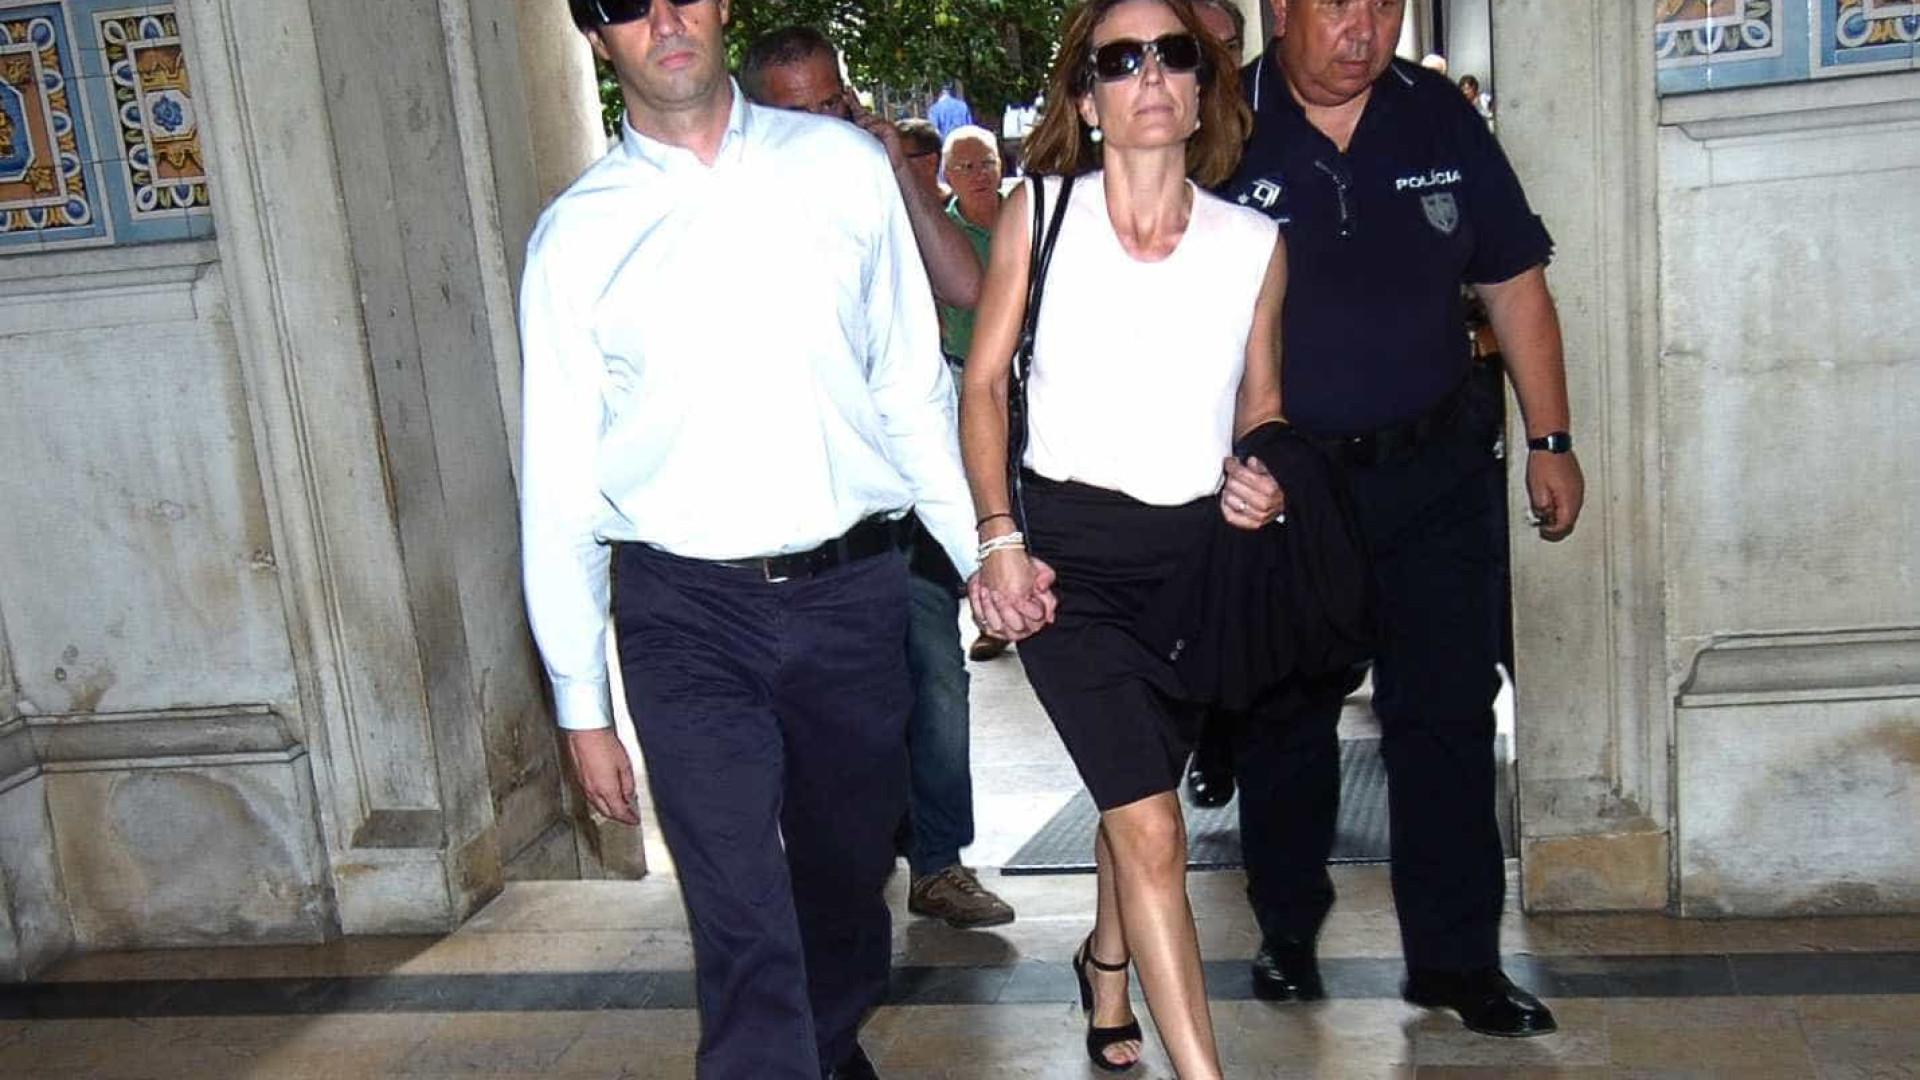 Inspetora da PJ Ana Saltão volta ao Tribunal de Coimbra após absolvição